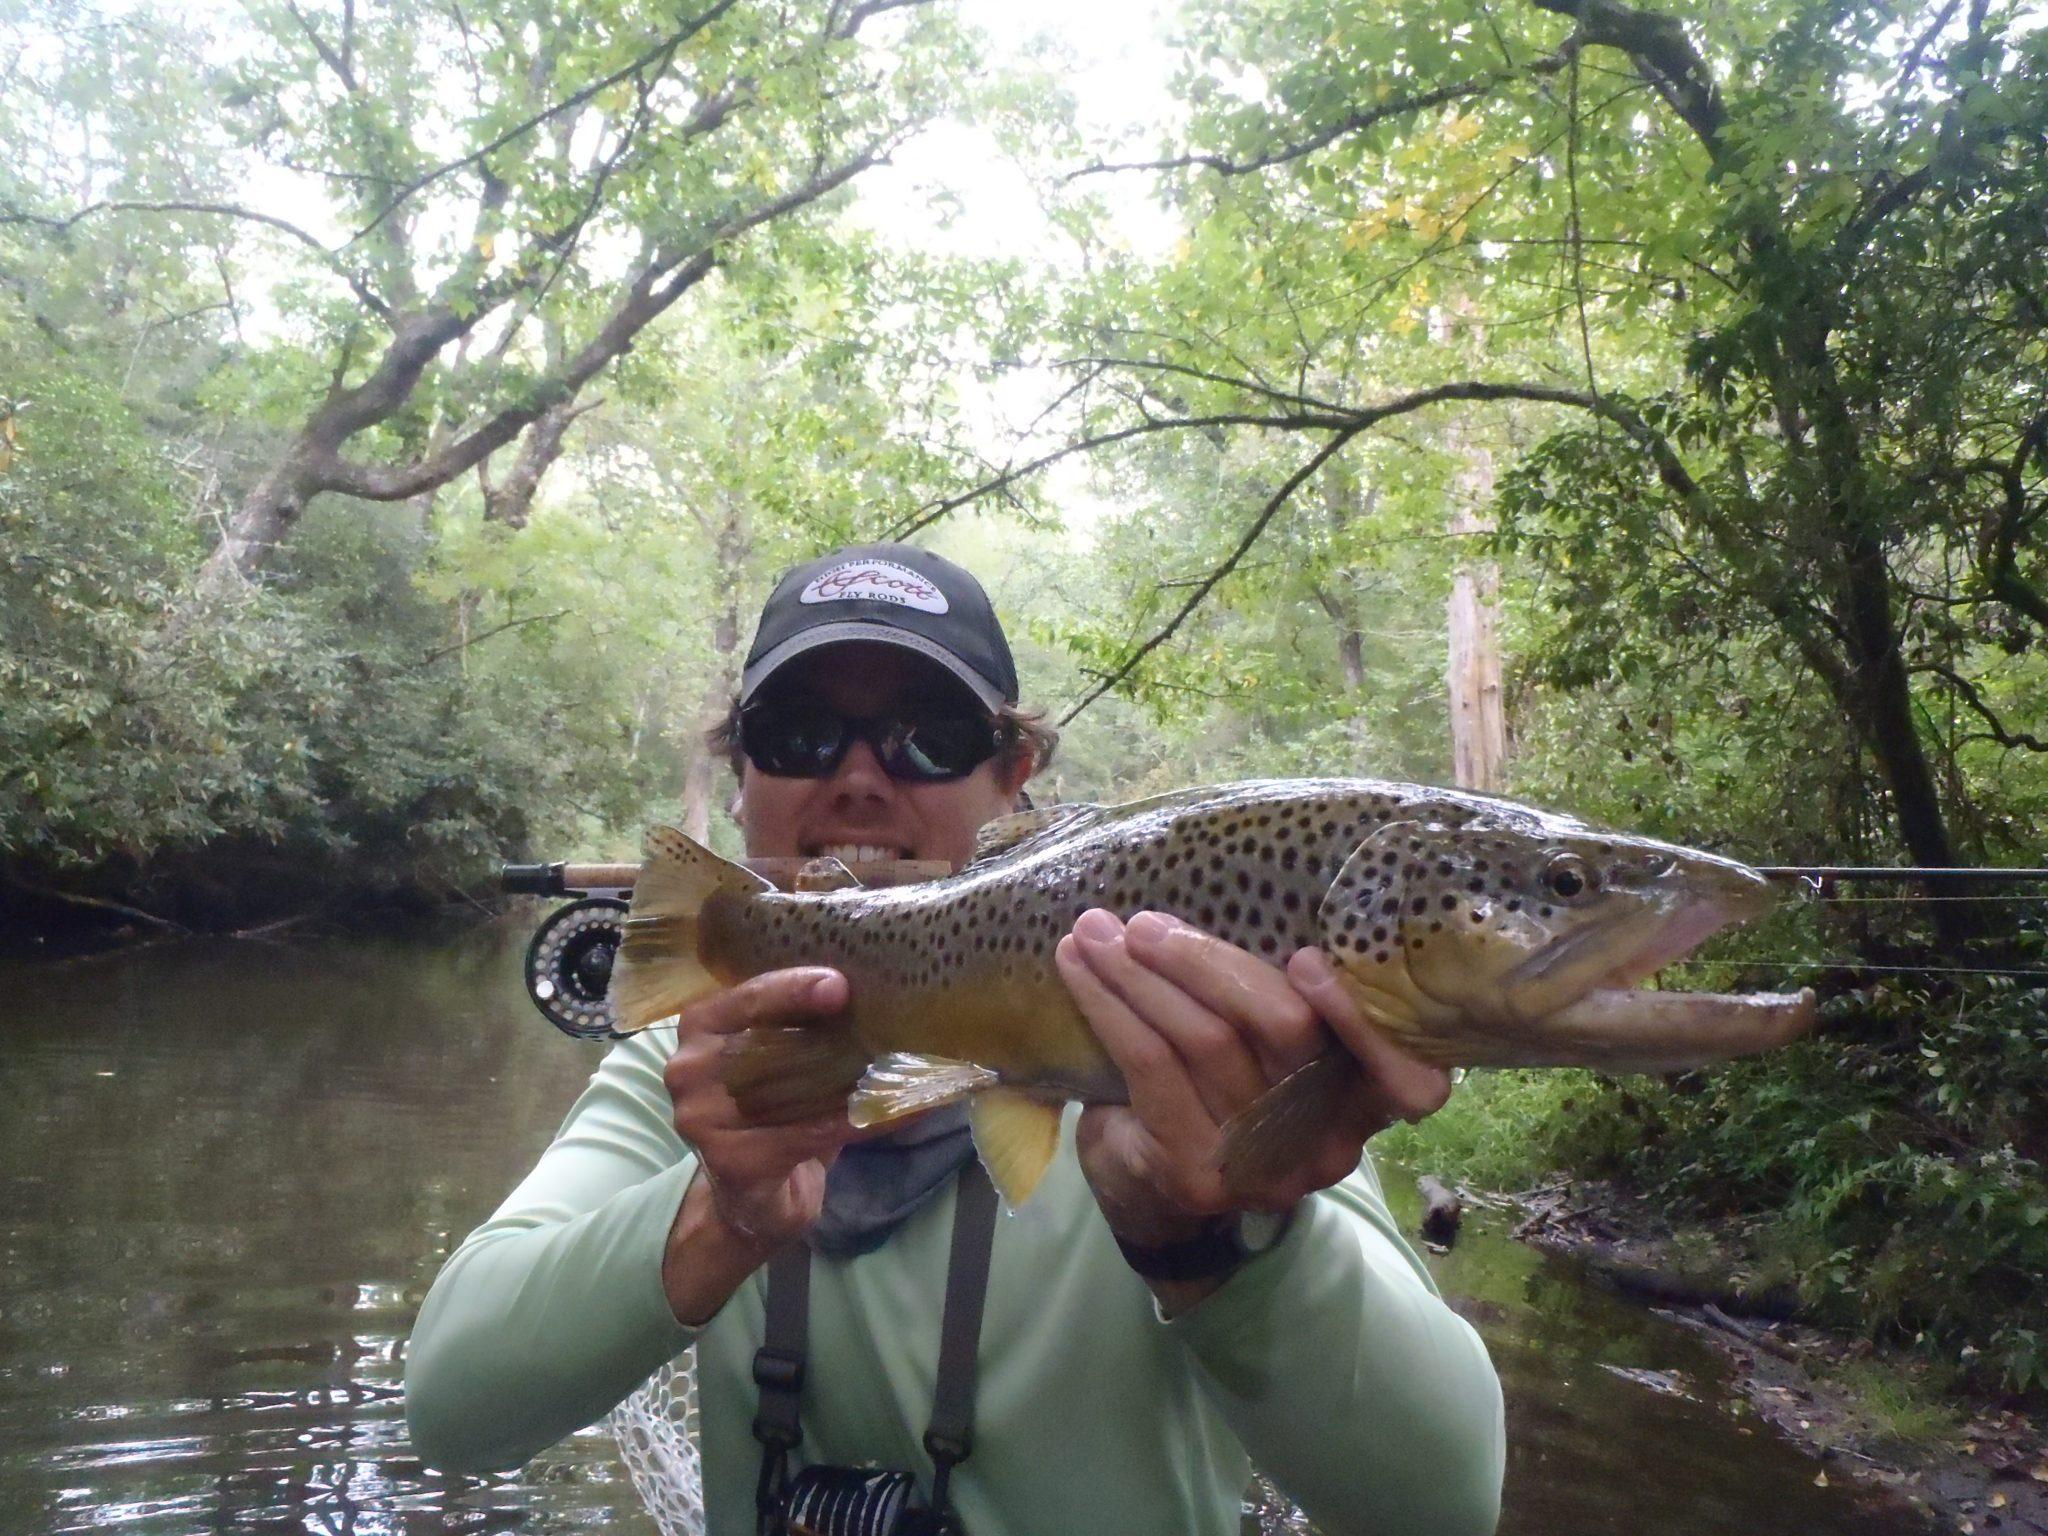 Davidson River Fishing Report – Week of September 12, 2012